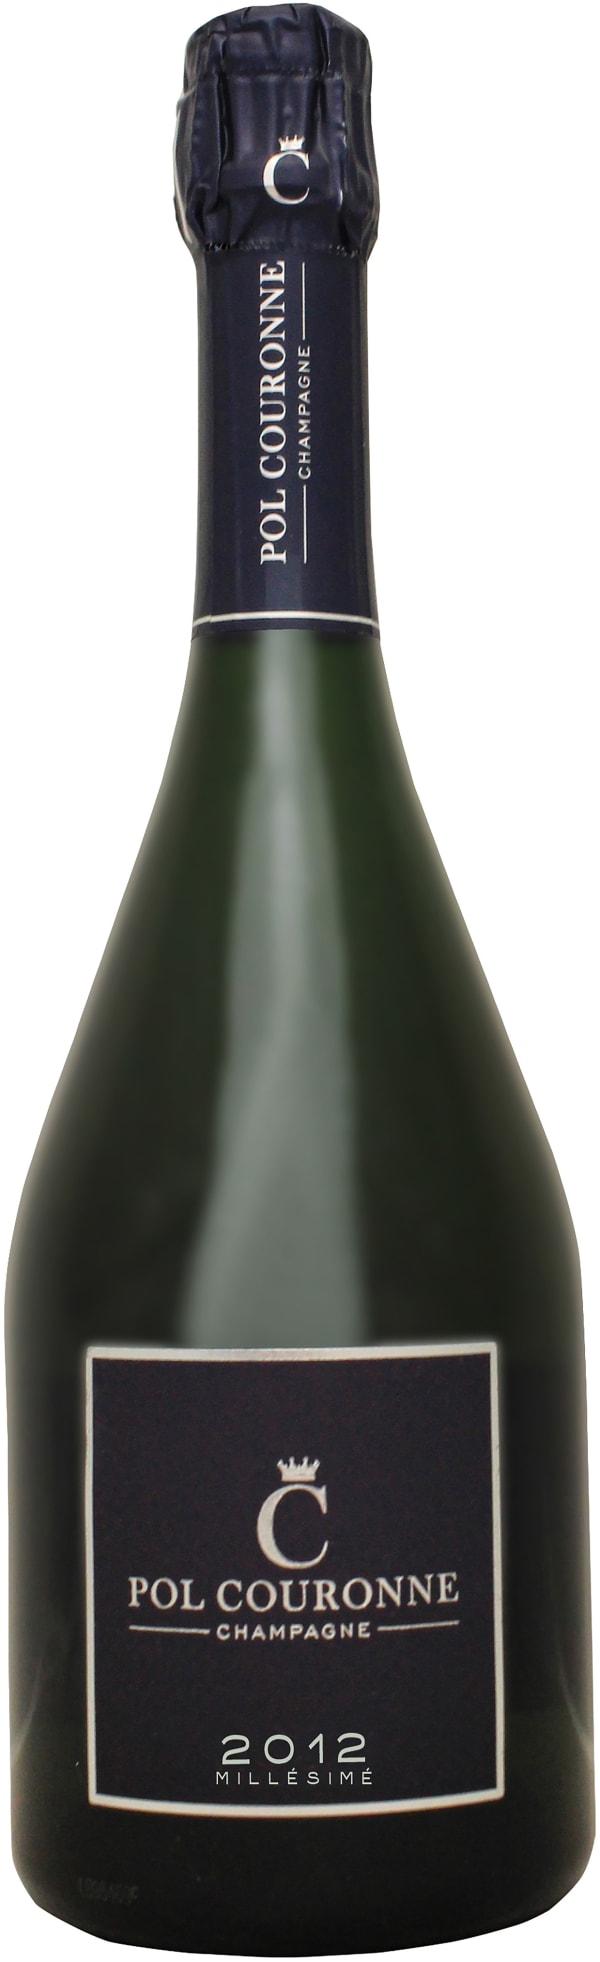 Pol Couronne Millésimé Champagne Brut 2012